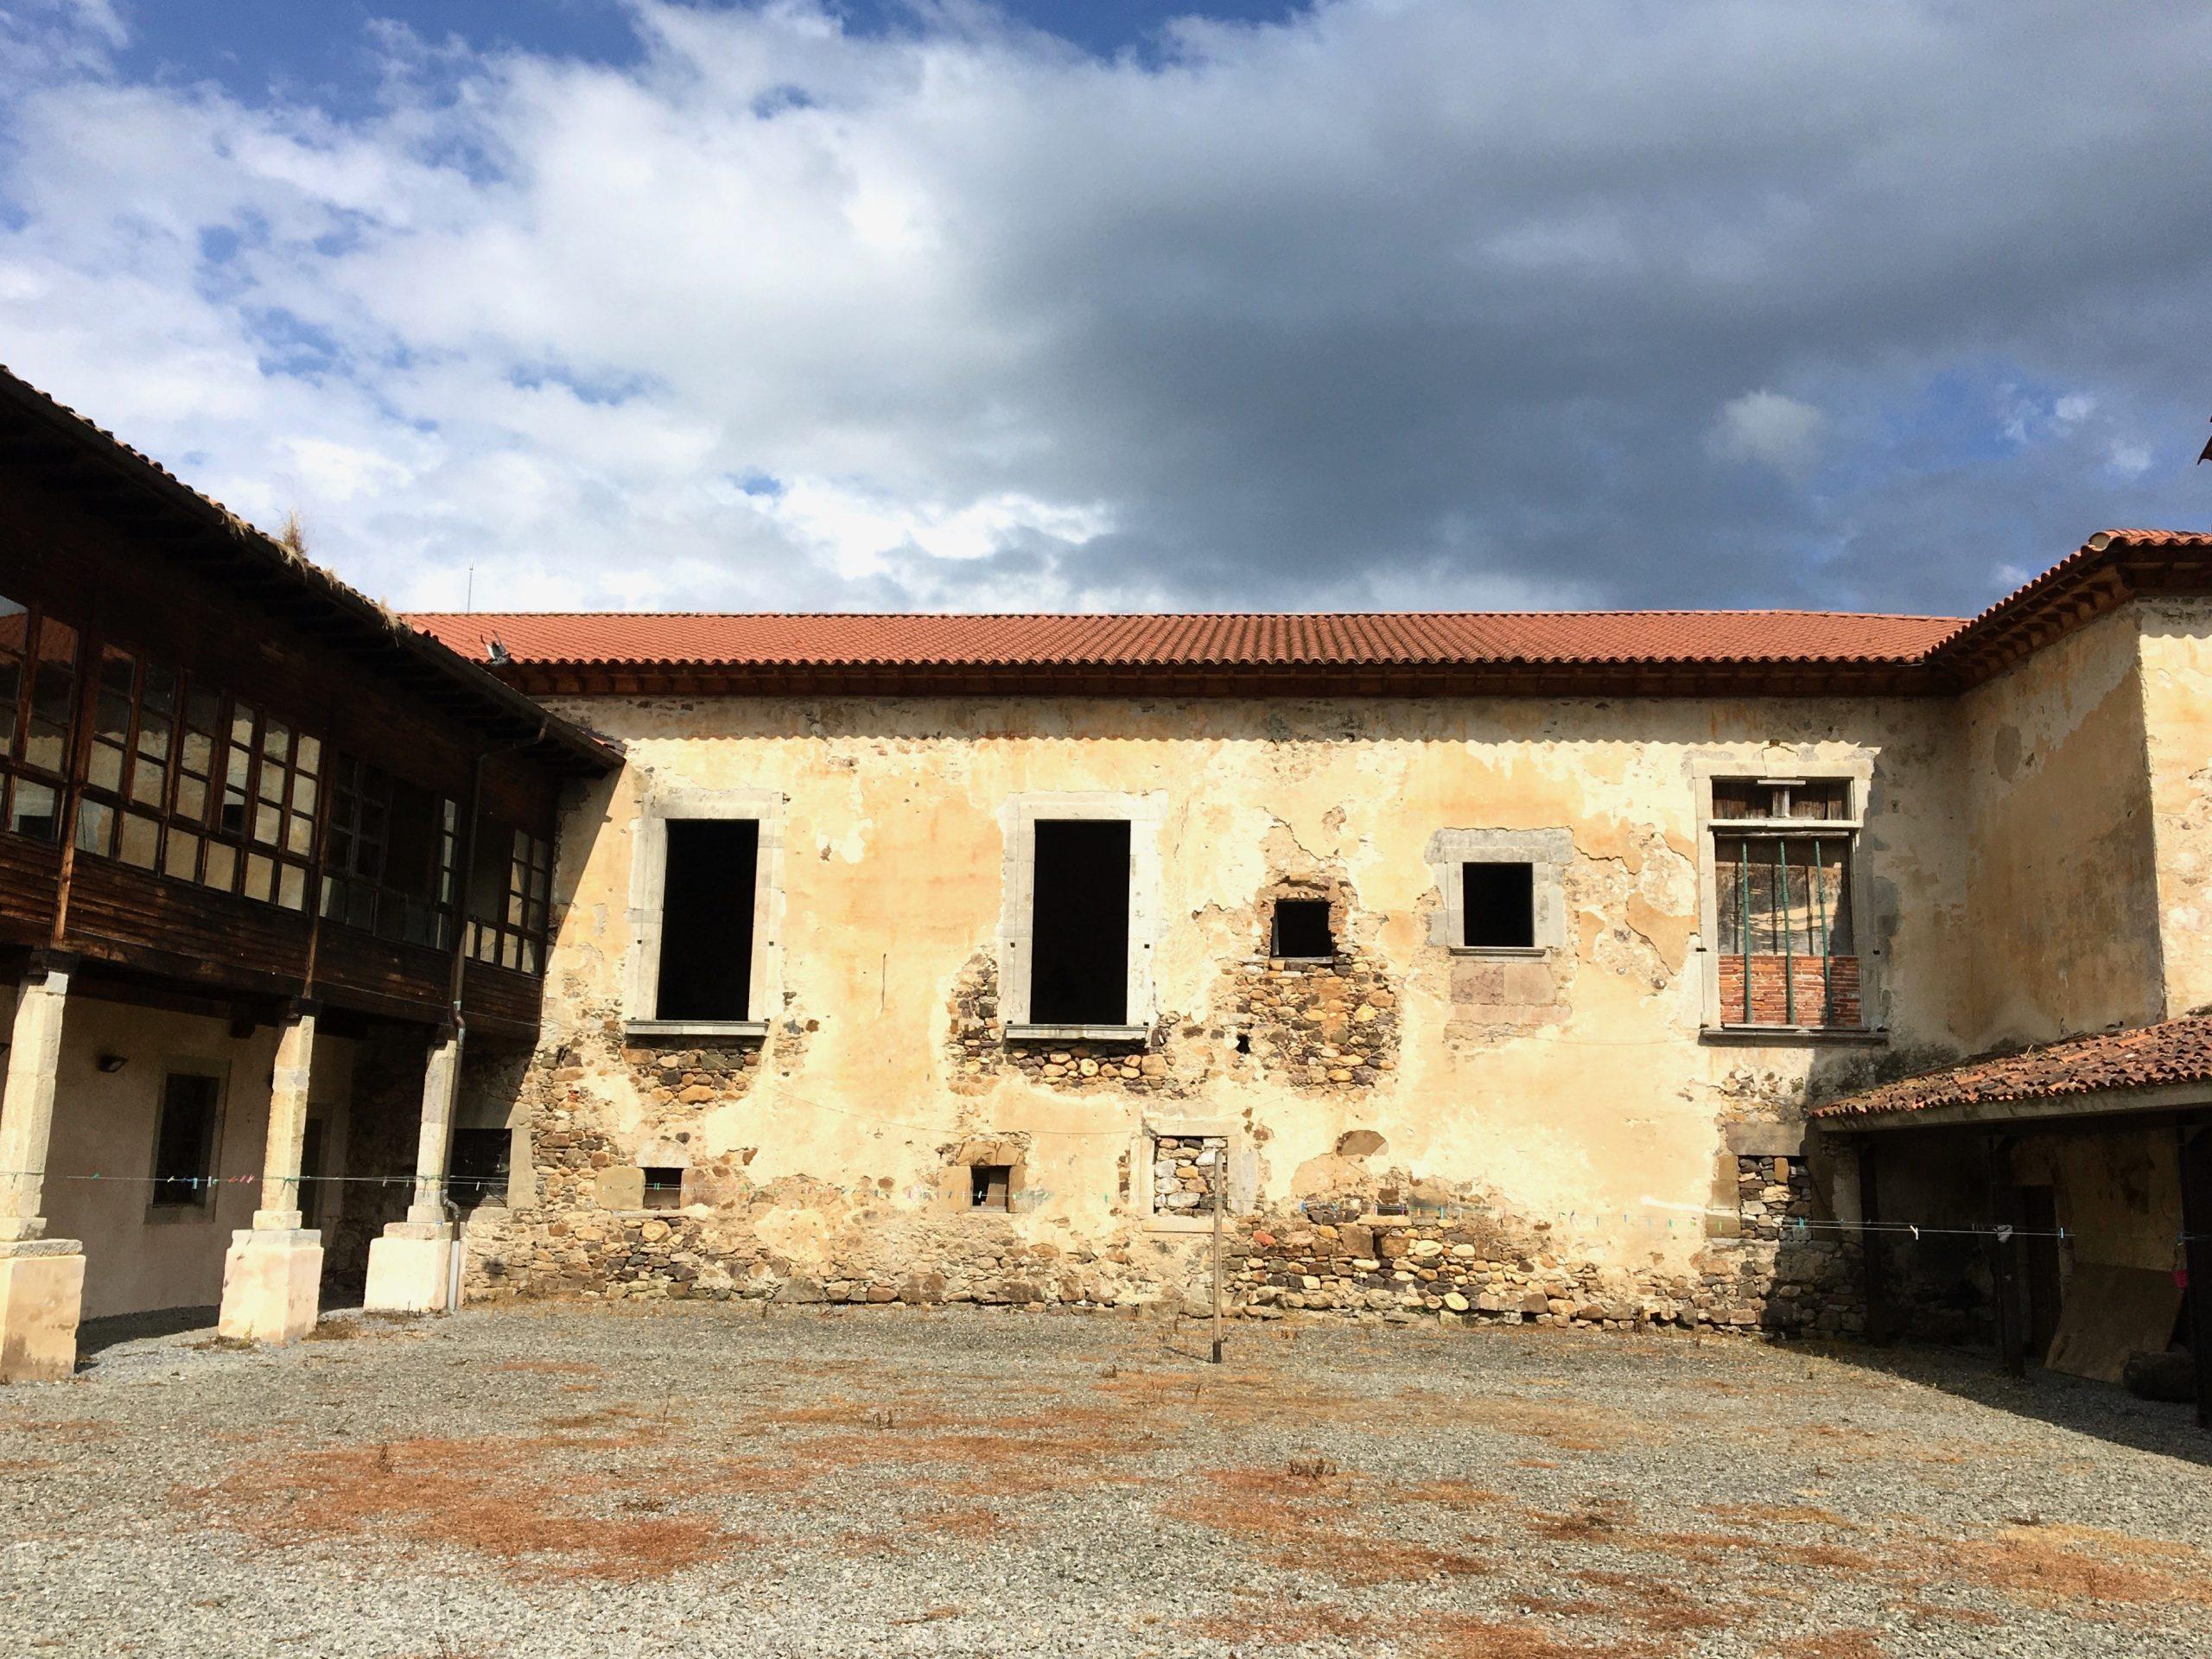 Albergue del monasterio de San Salvador, Cornellana, Spain